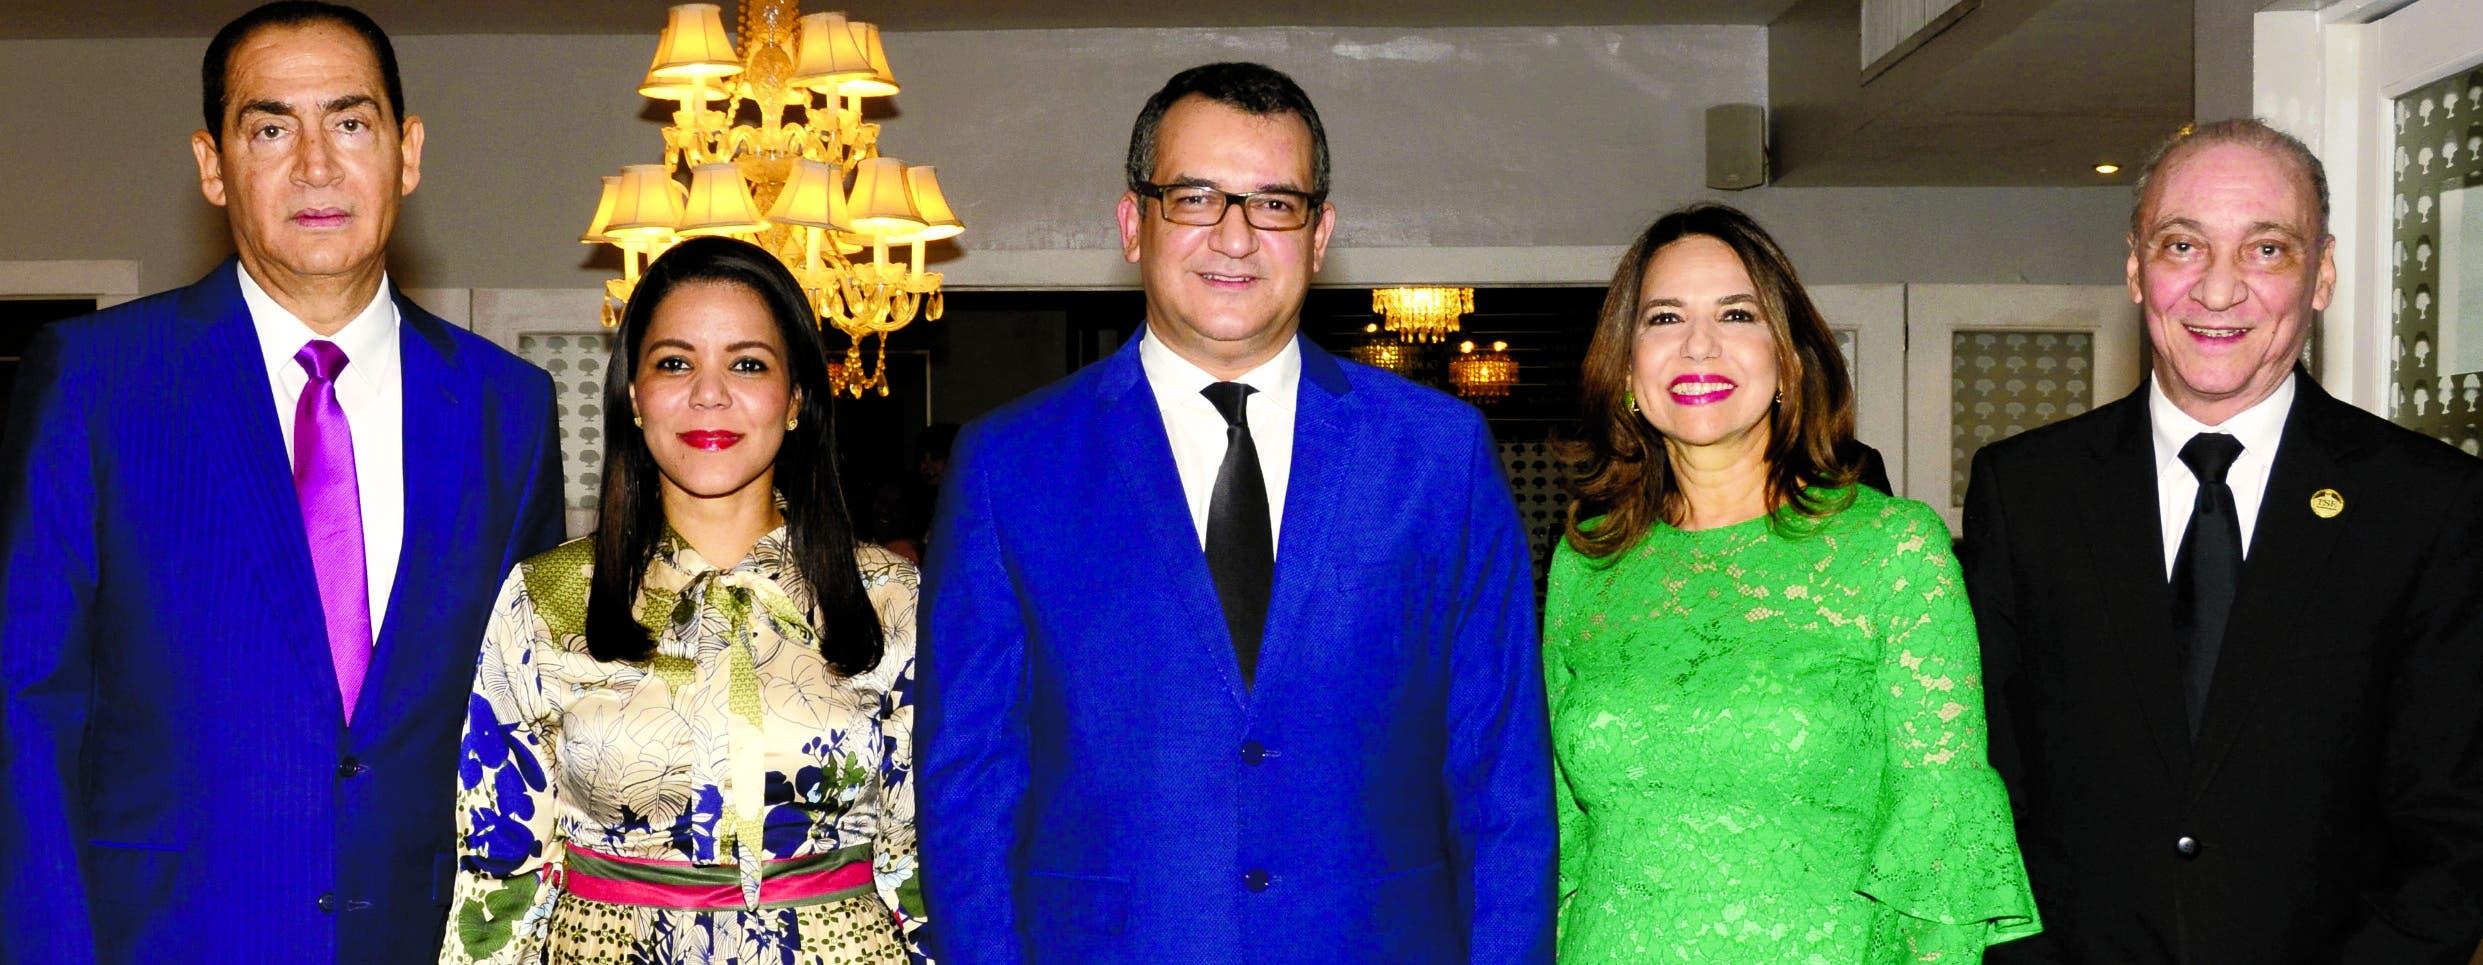 Ramón Arístides Madera, Cristina Perdomo, Ramón Jáquez Liranzo, Rafaelina Peralta  y Santiago Sosa Castillo.